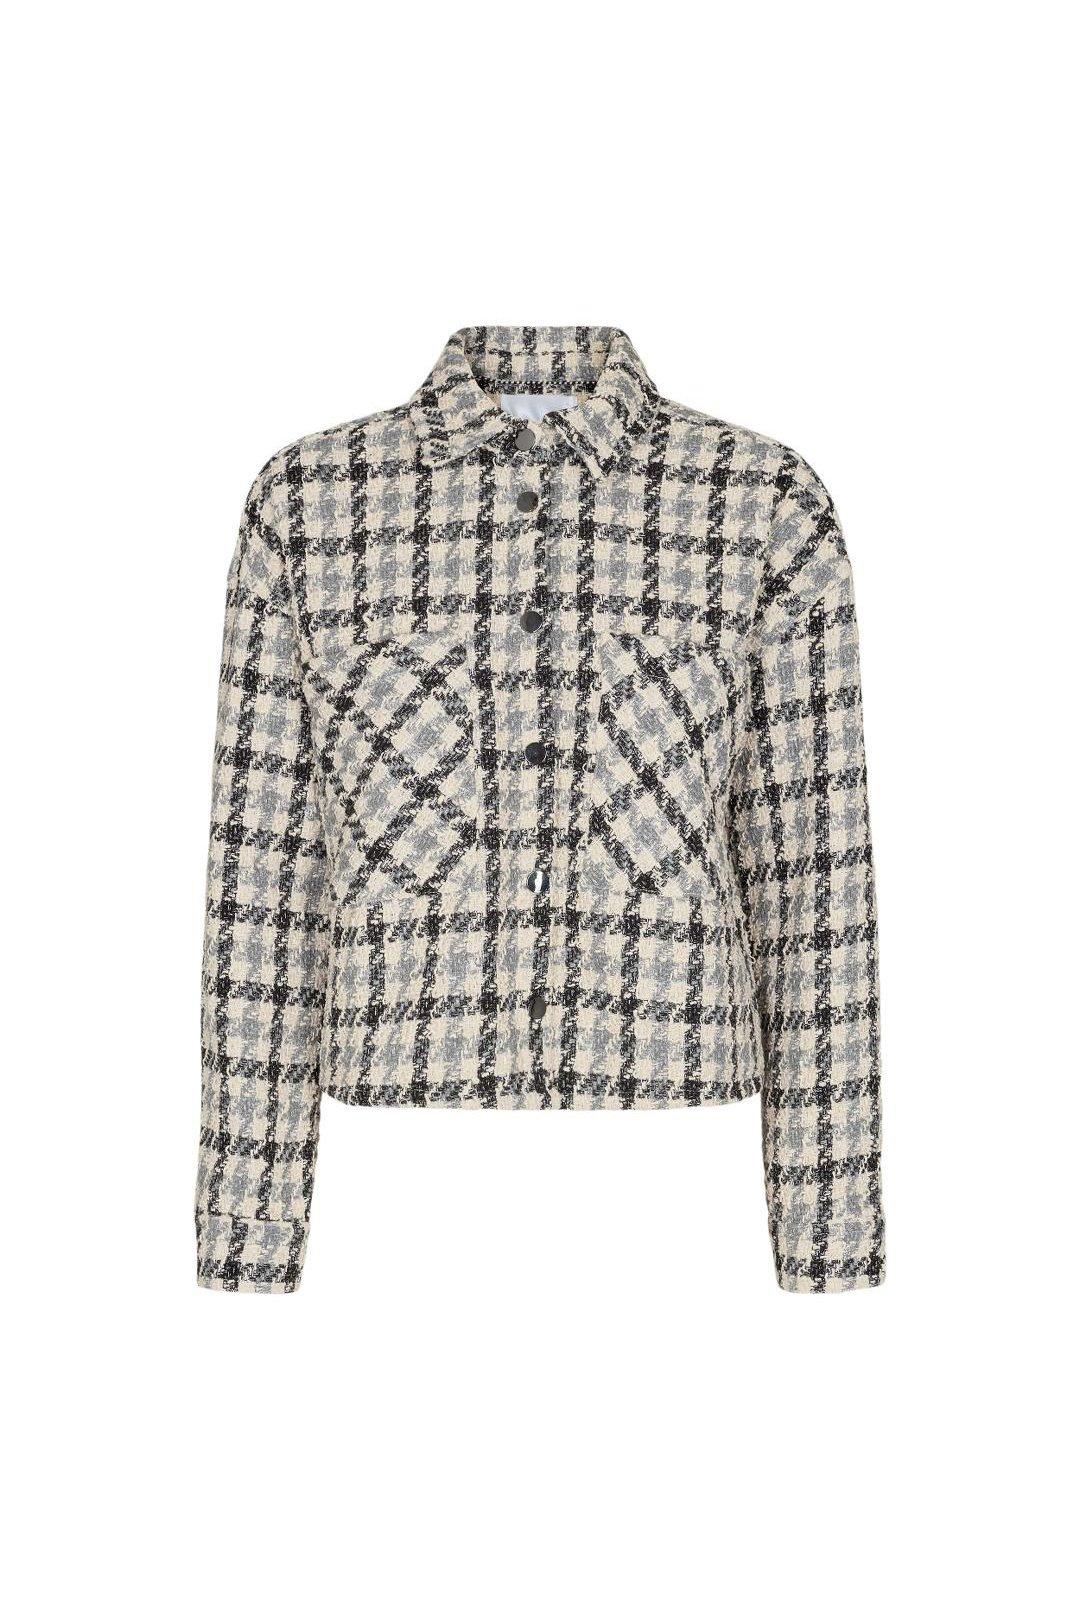 Betty Boucle Check Shirt Jacket - Bone-1